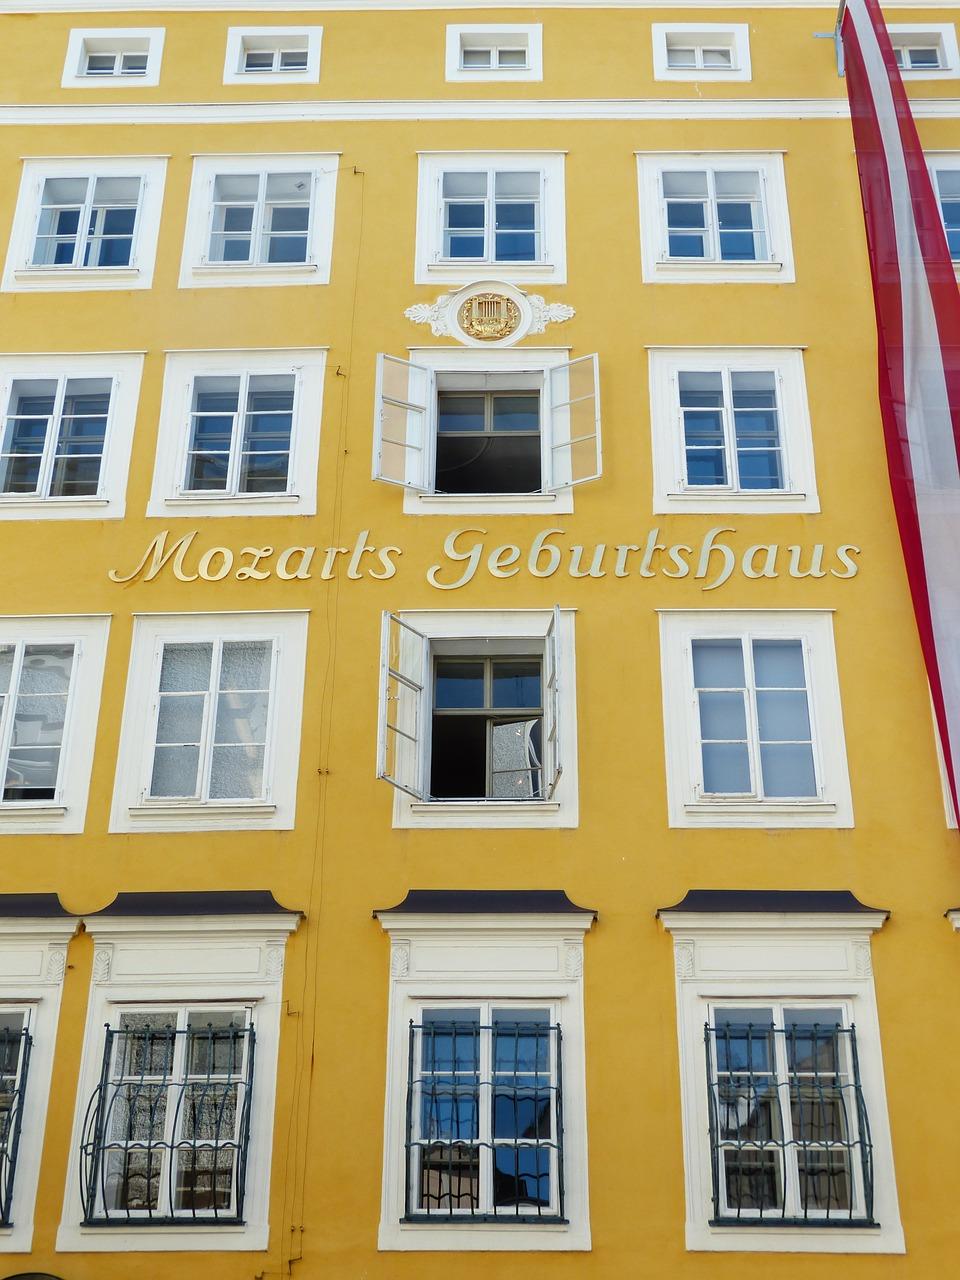 детето Моцарт роден дом